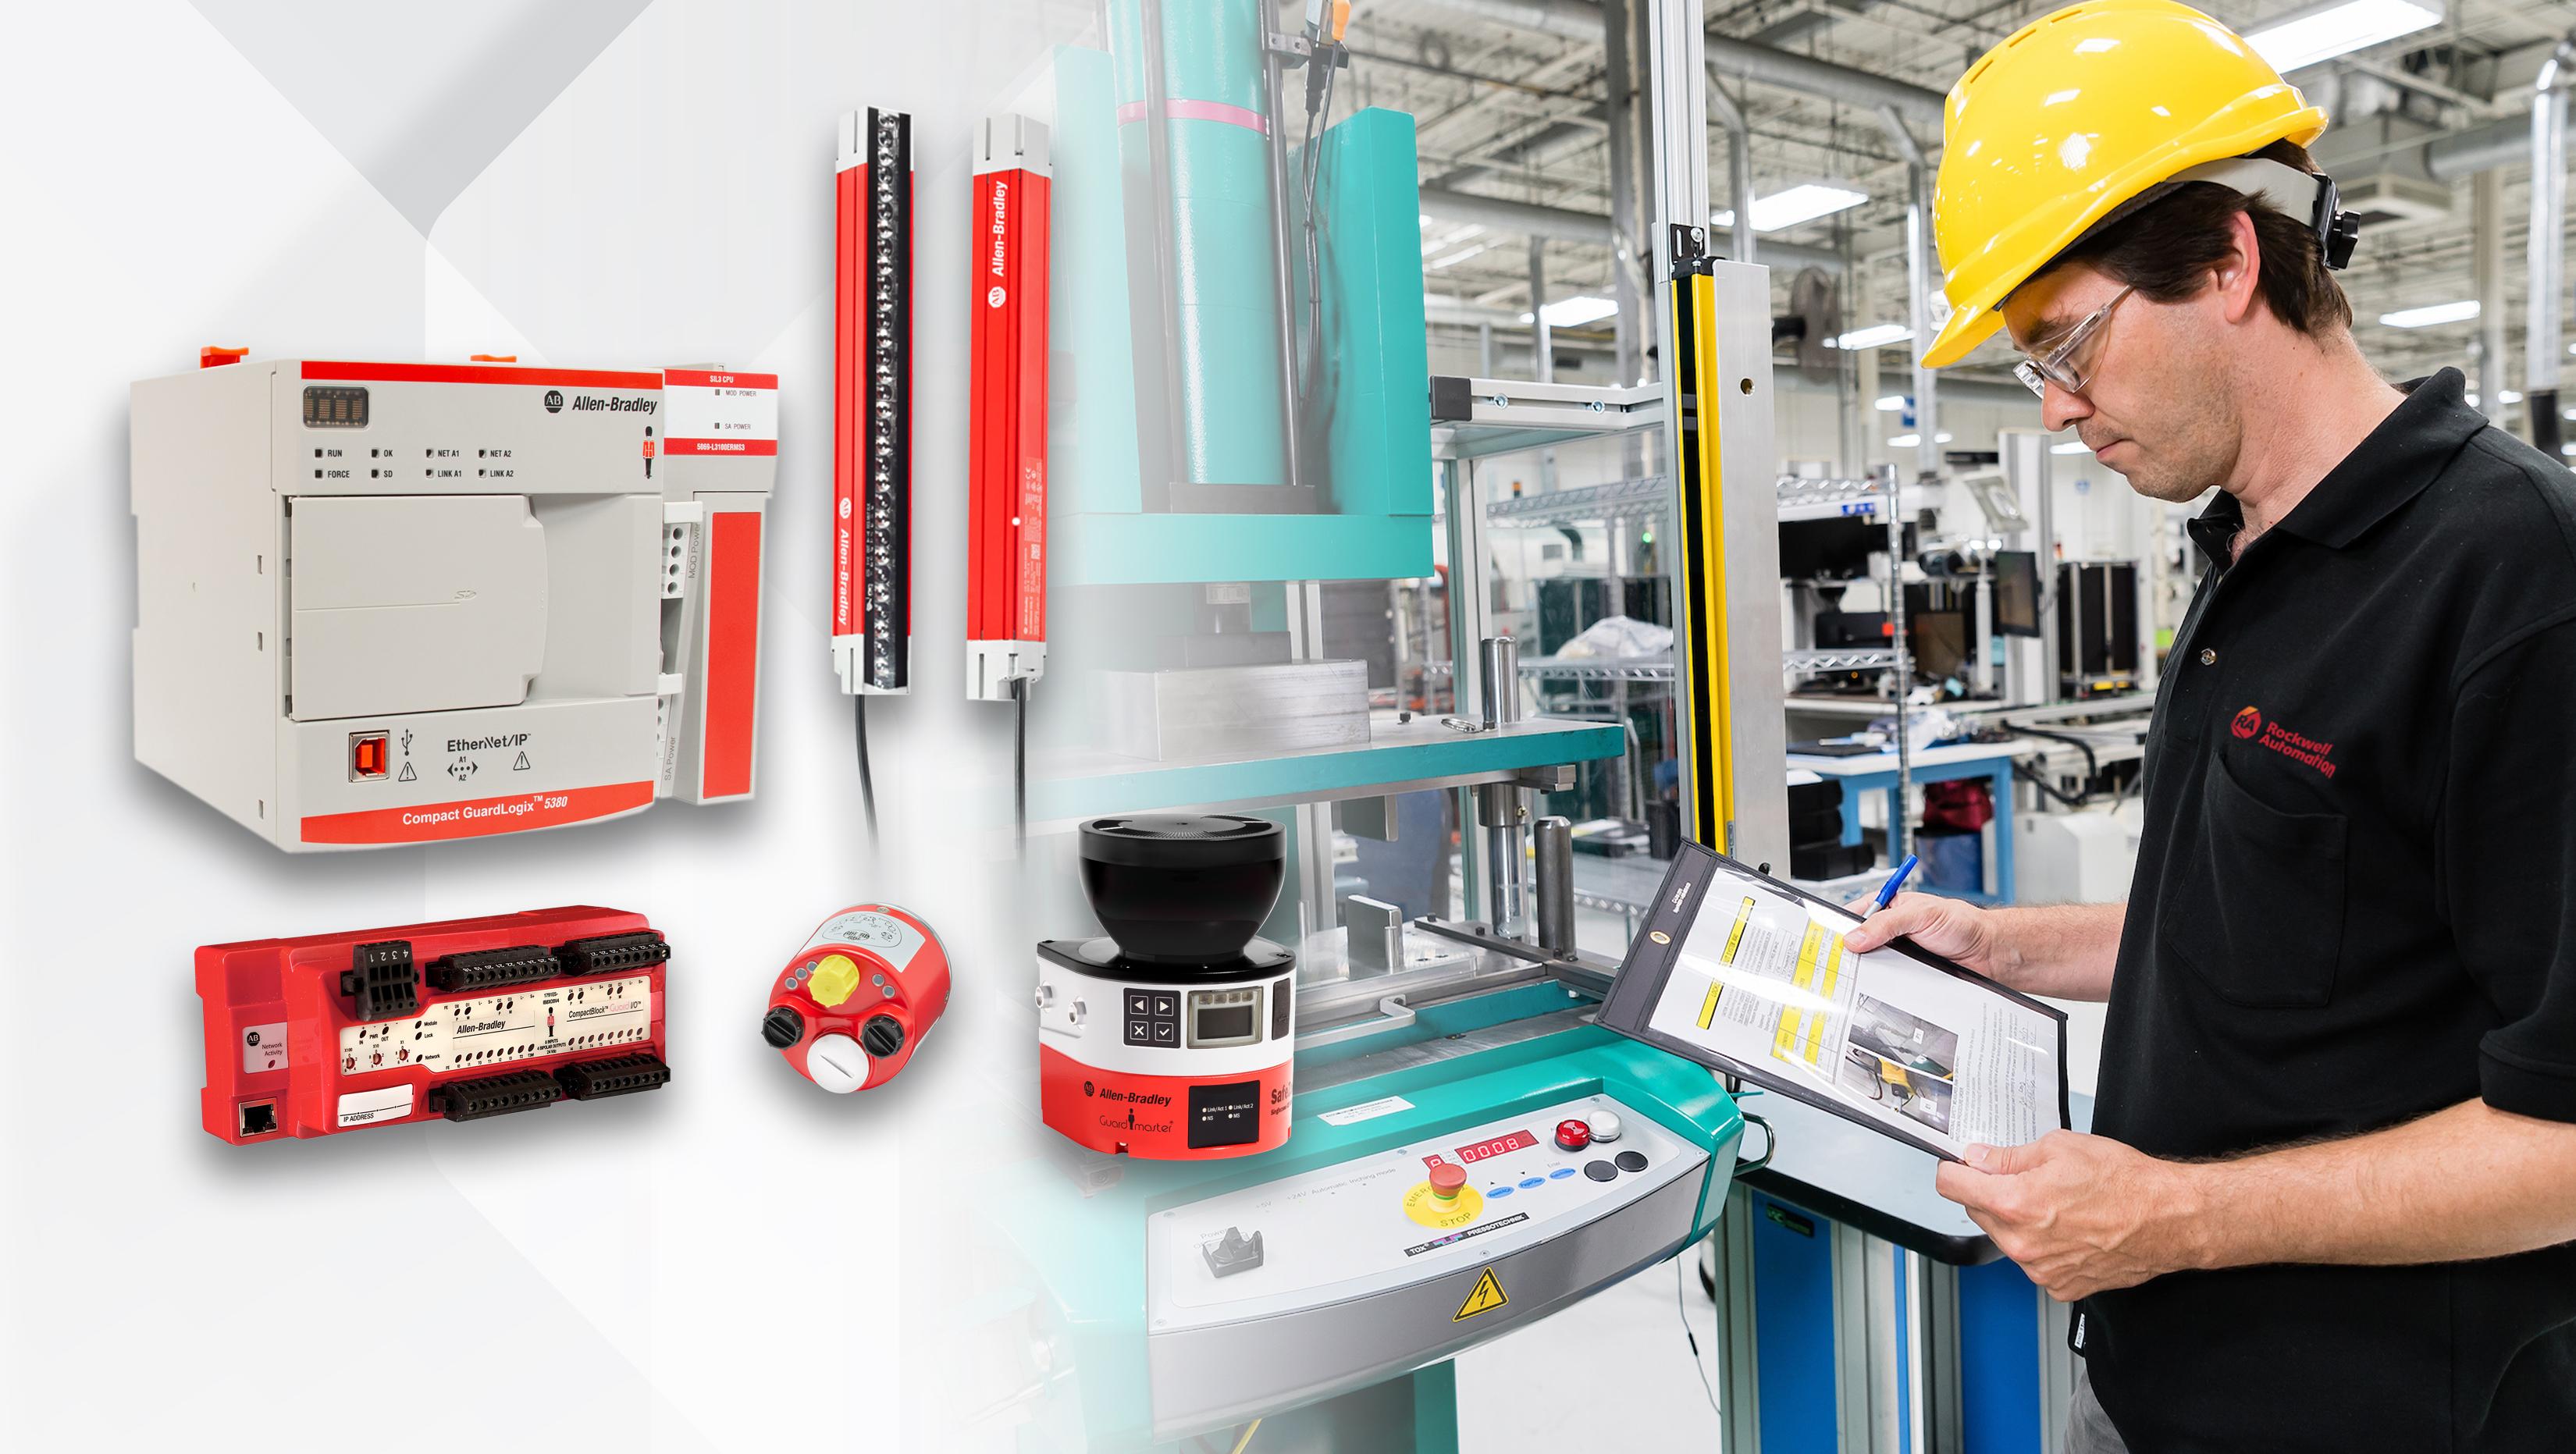 罗克韦尔自动化的新安全设备可增强安全性并提高生产率